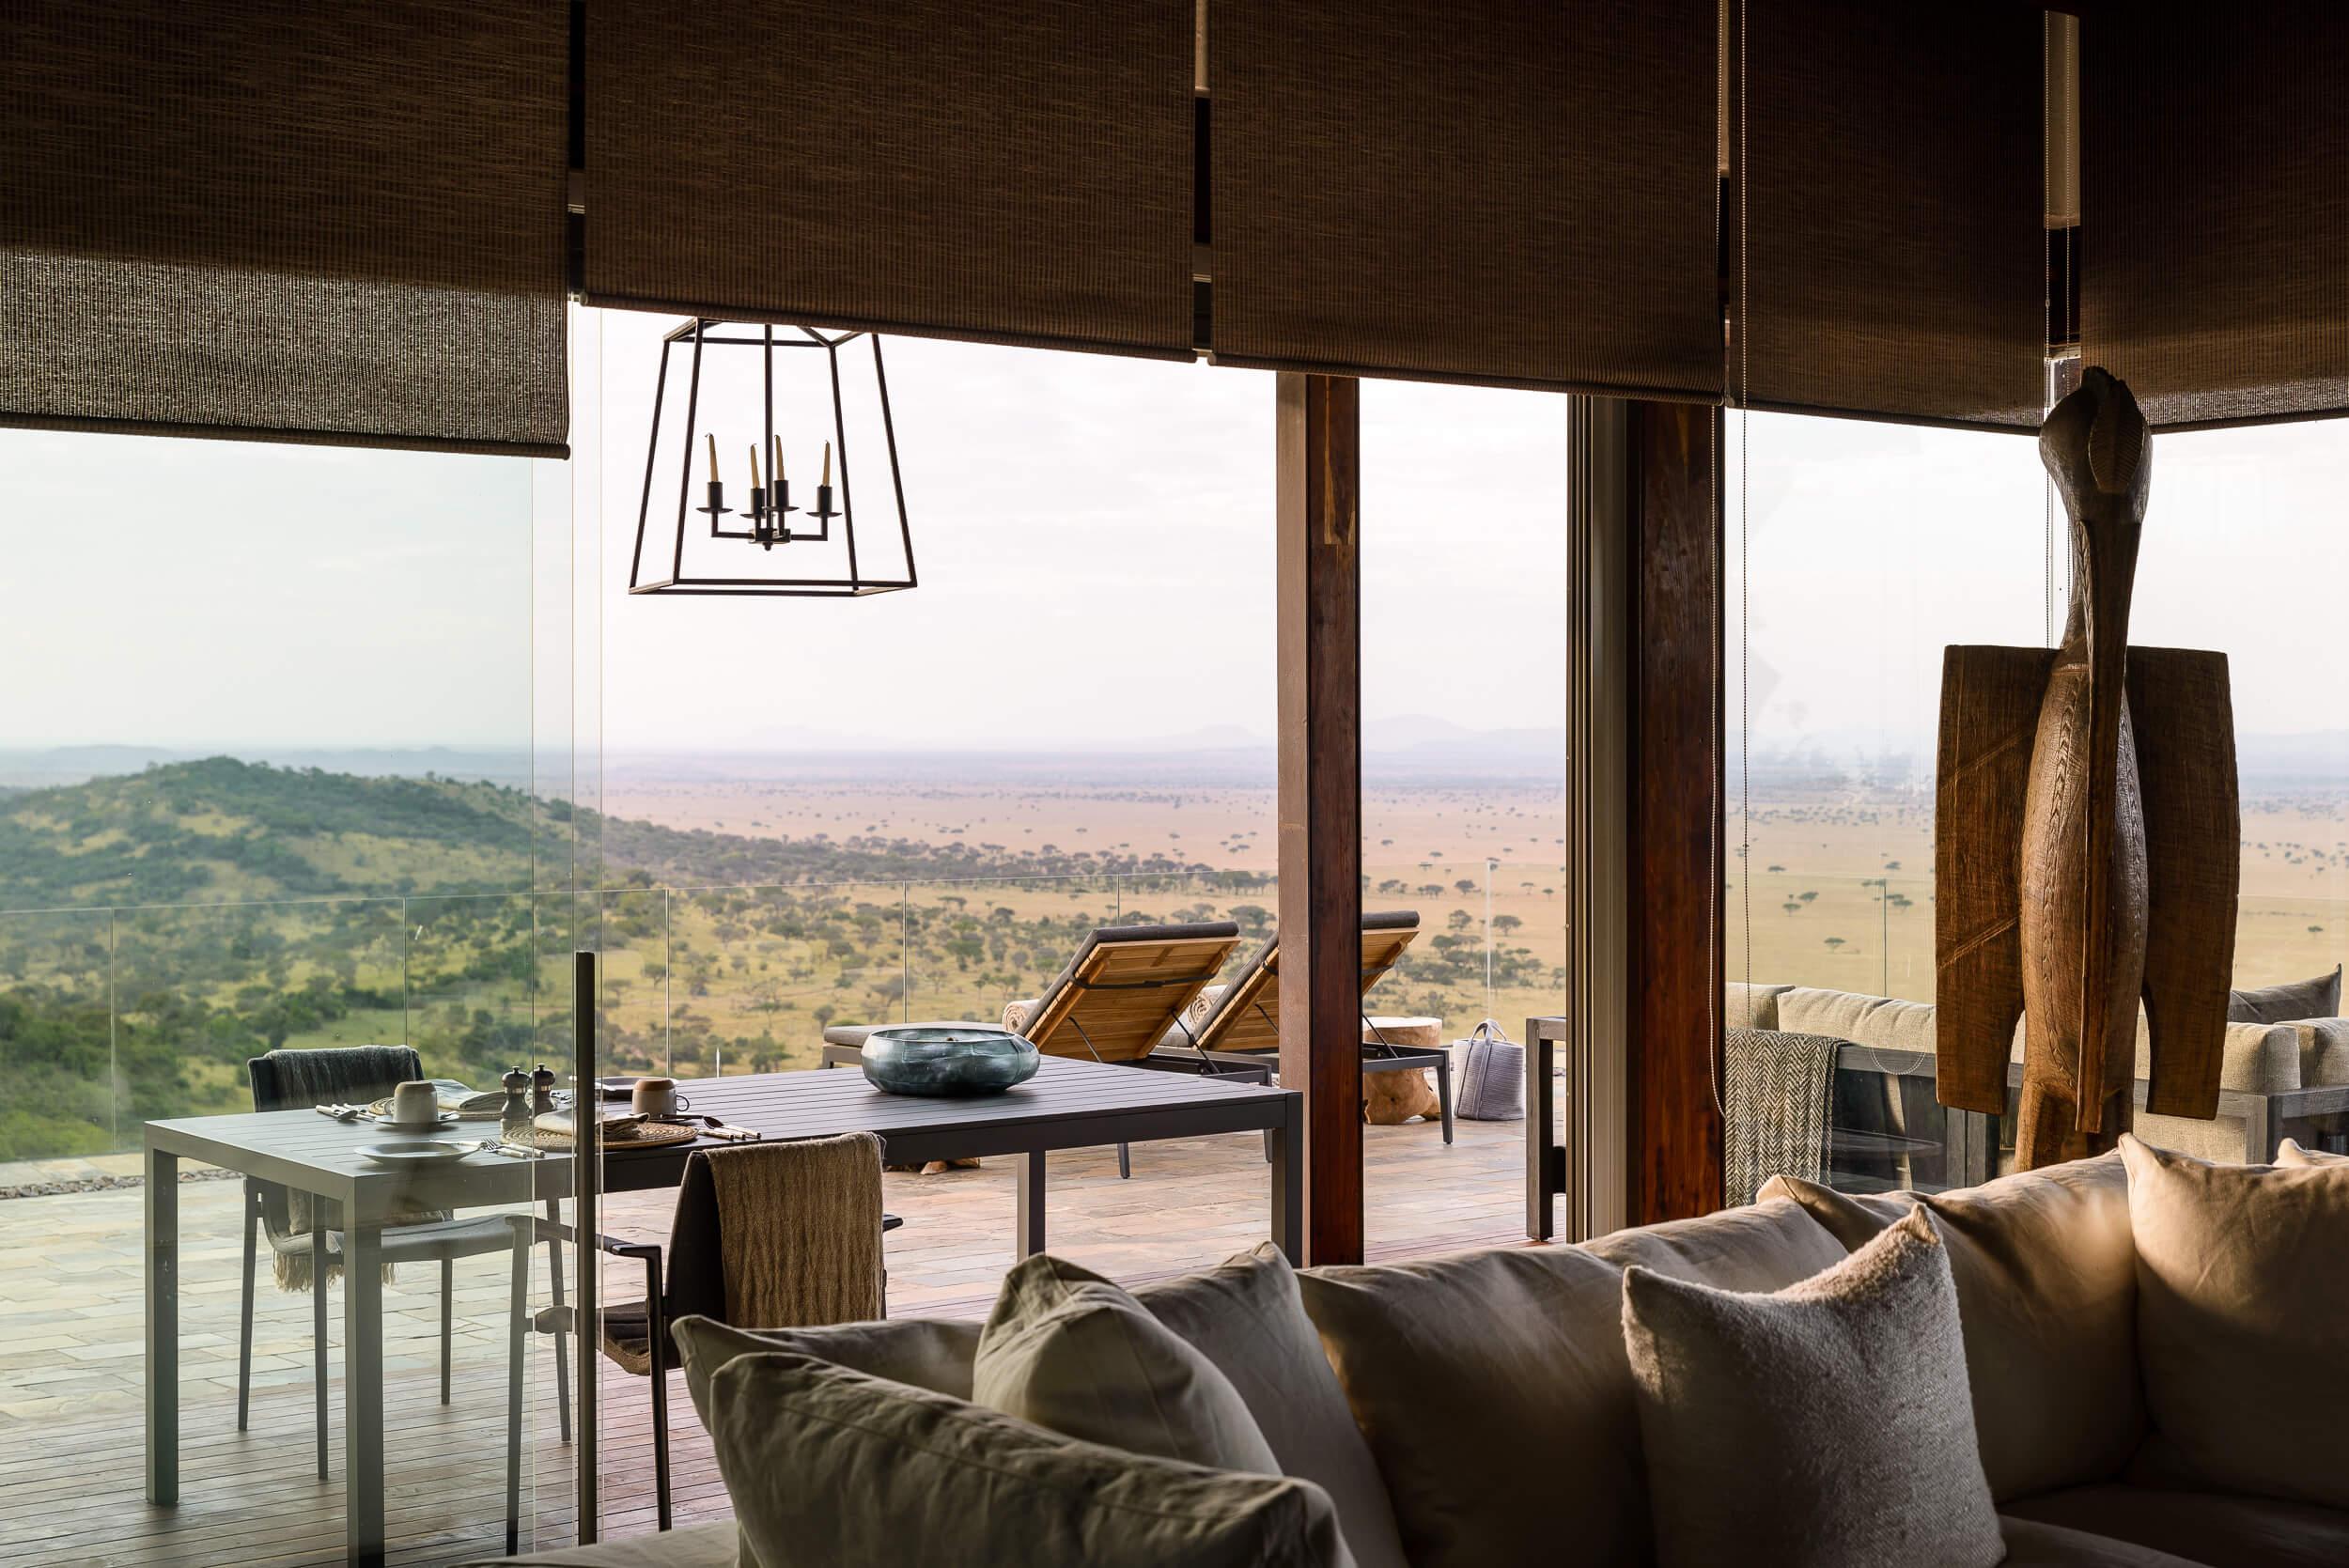 Hillside-Suite-Singita-Sasakwa-Lodge-Deck-and-View.jpg